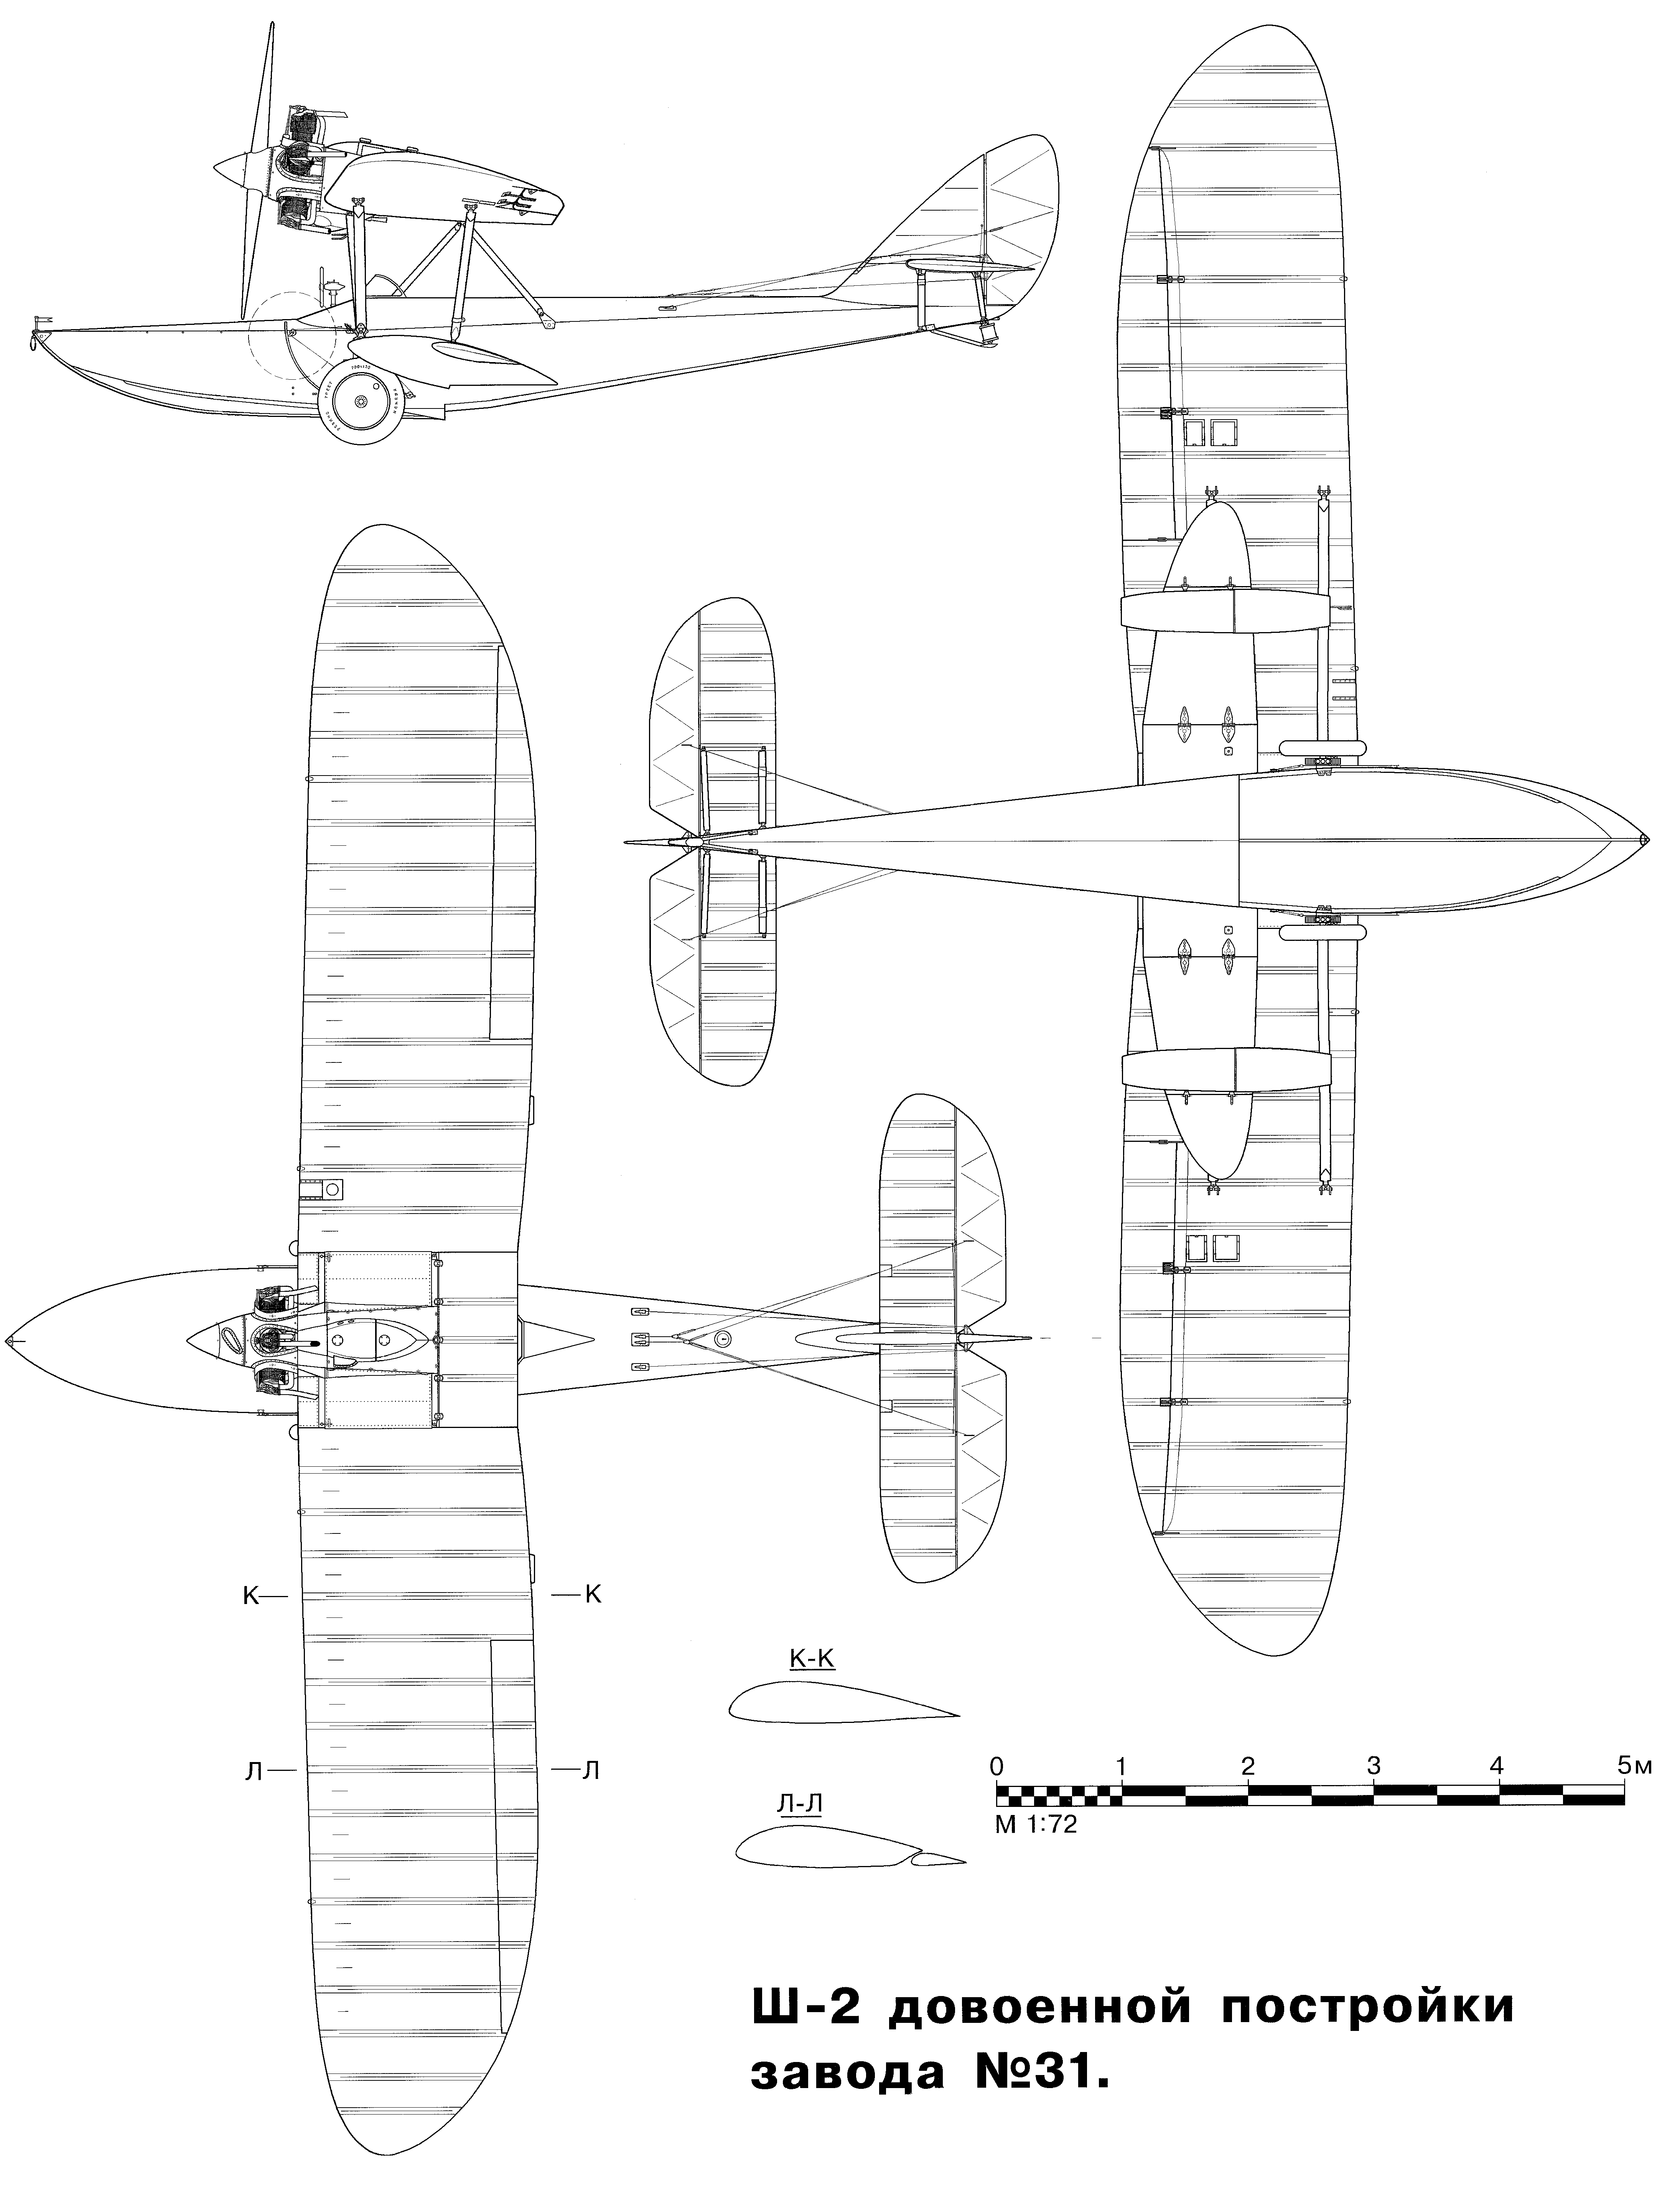 Sh-2 blueprint